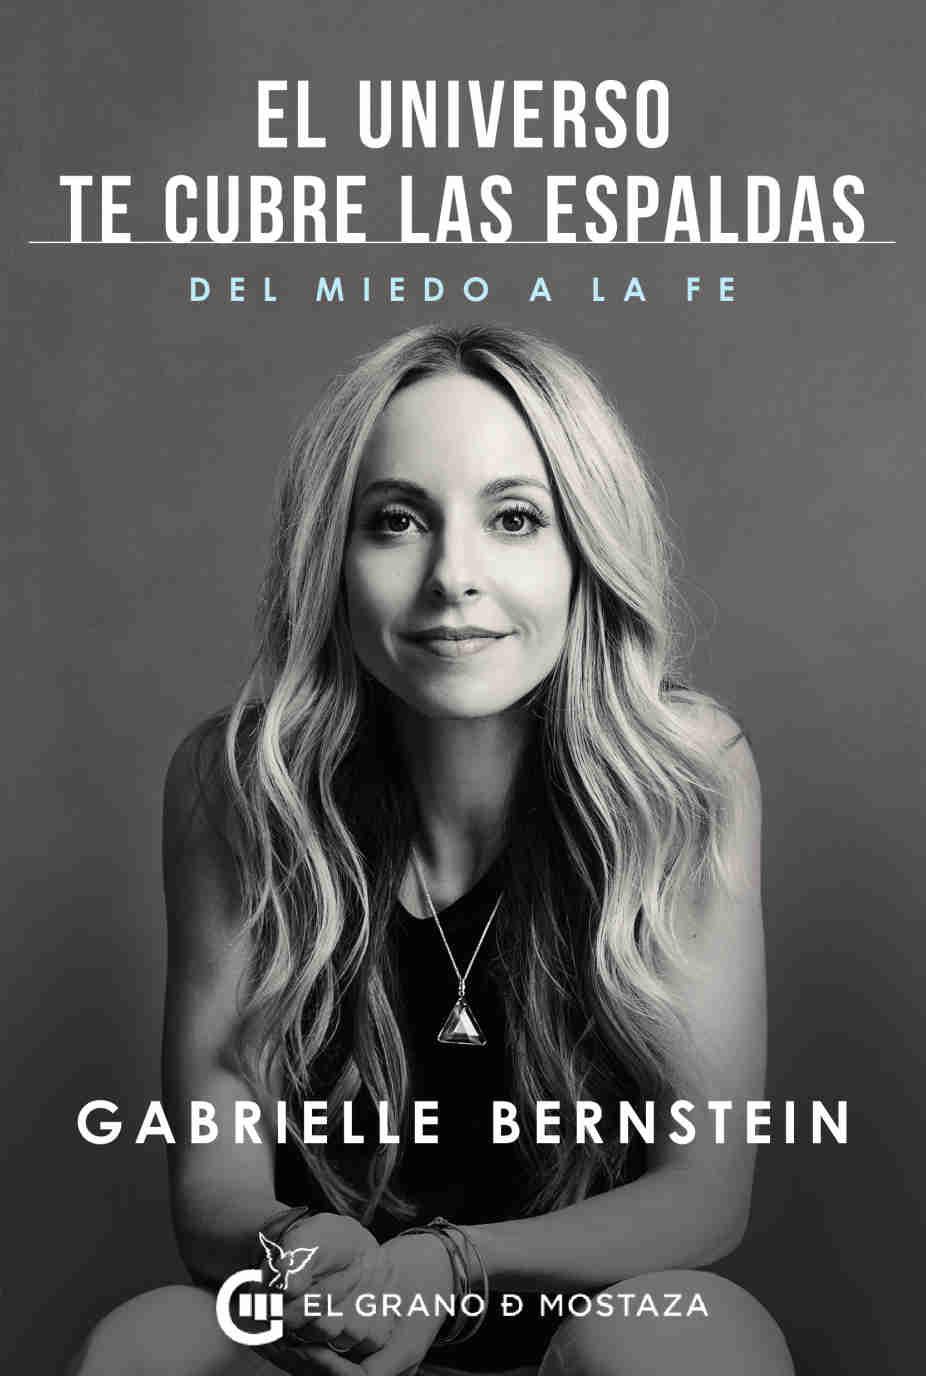 El universo te cubre espaldas Gabrielle Bernstein Portada